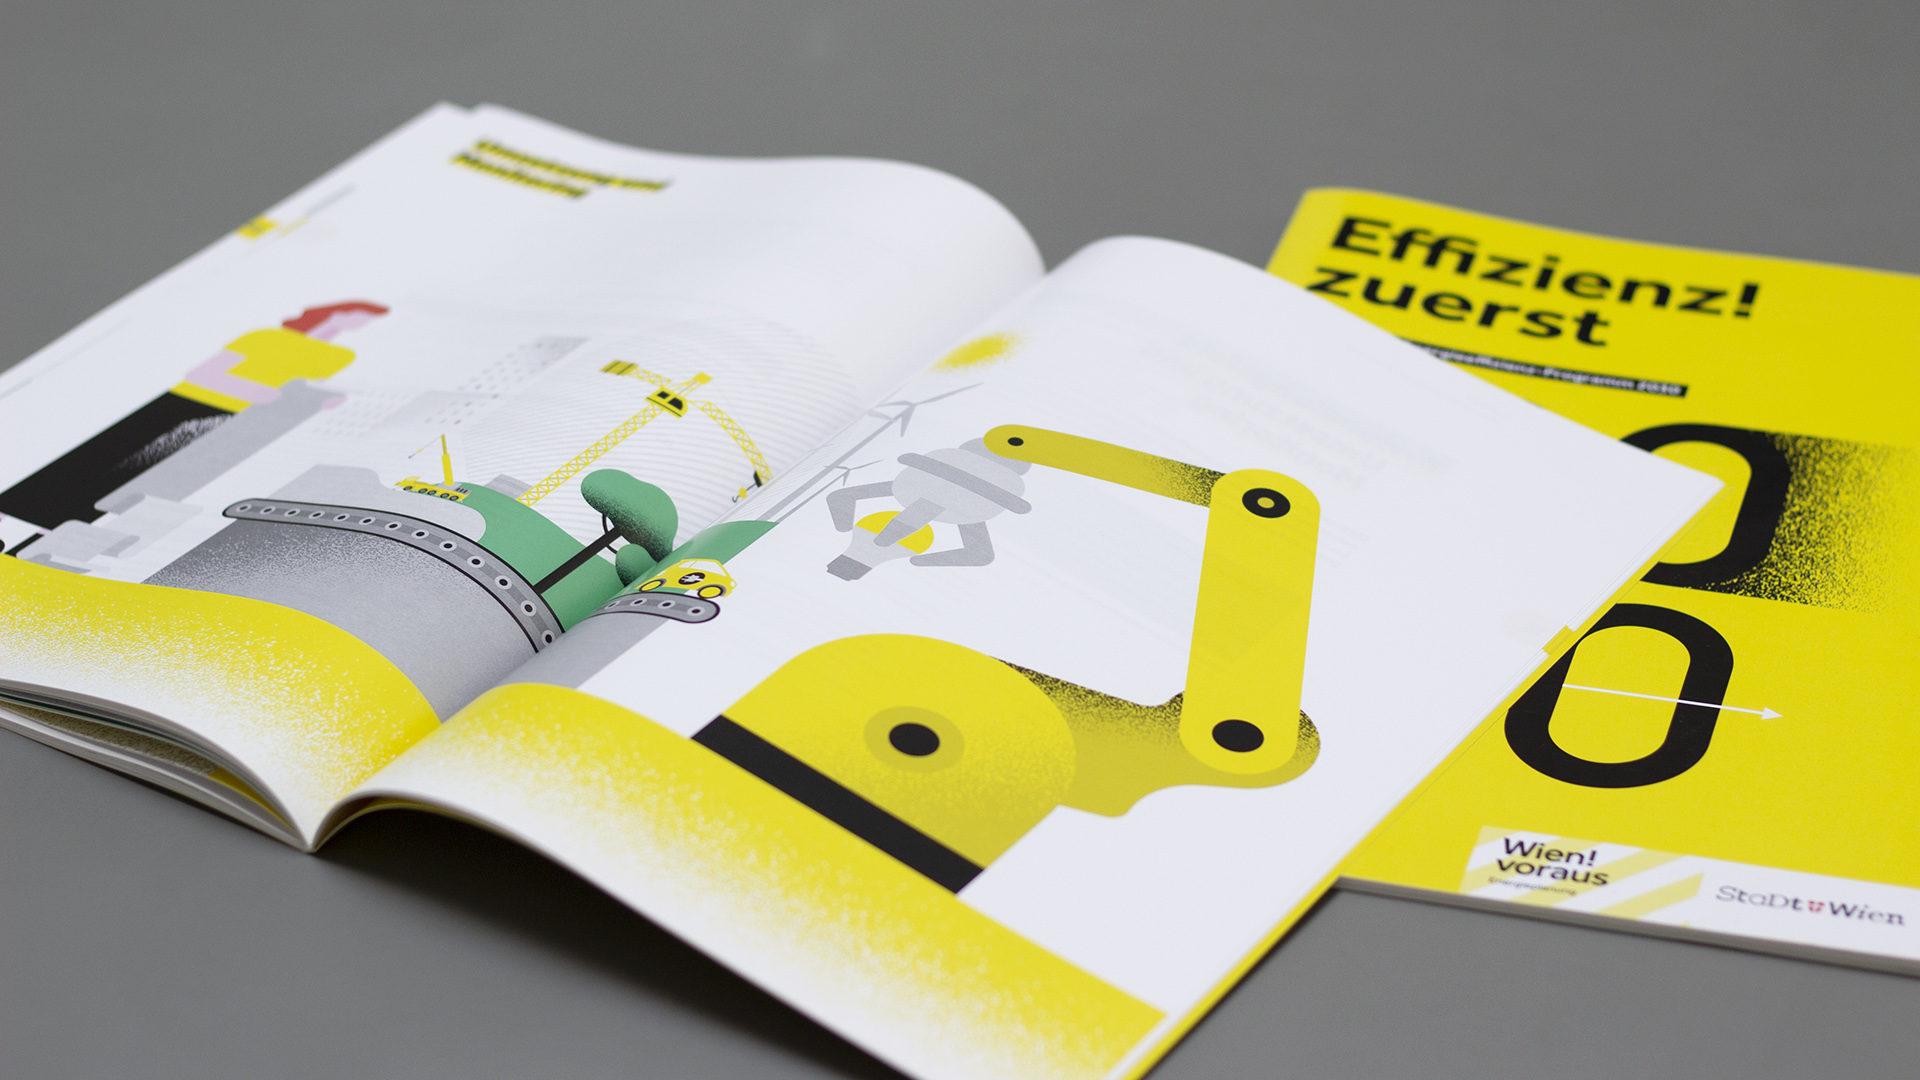 Energiebericht der Stadt Wien, Cover auf dem